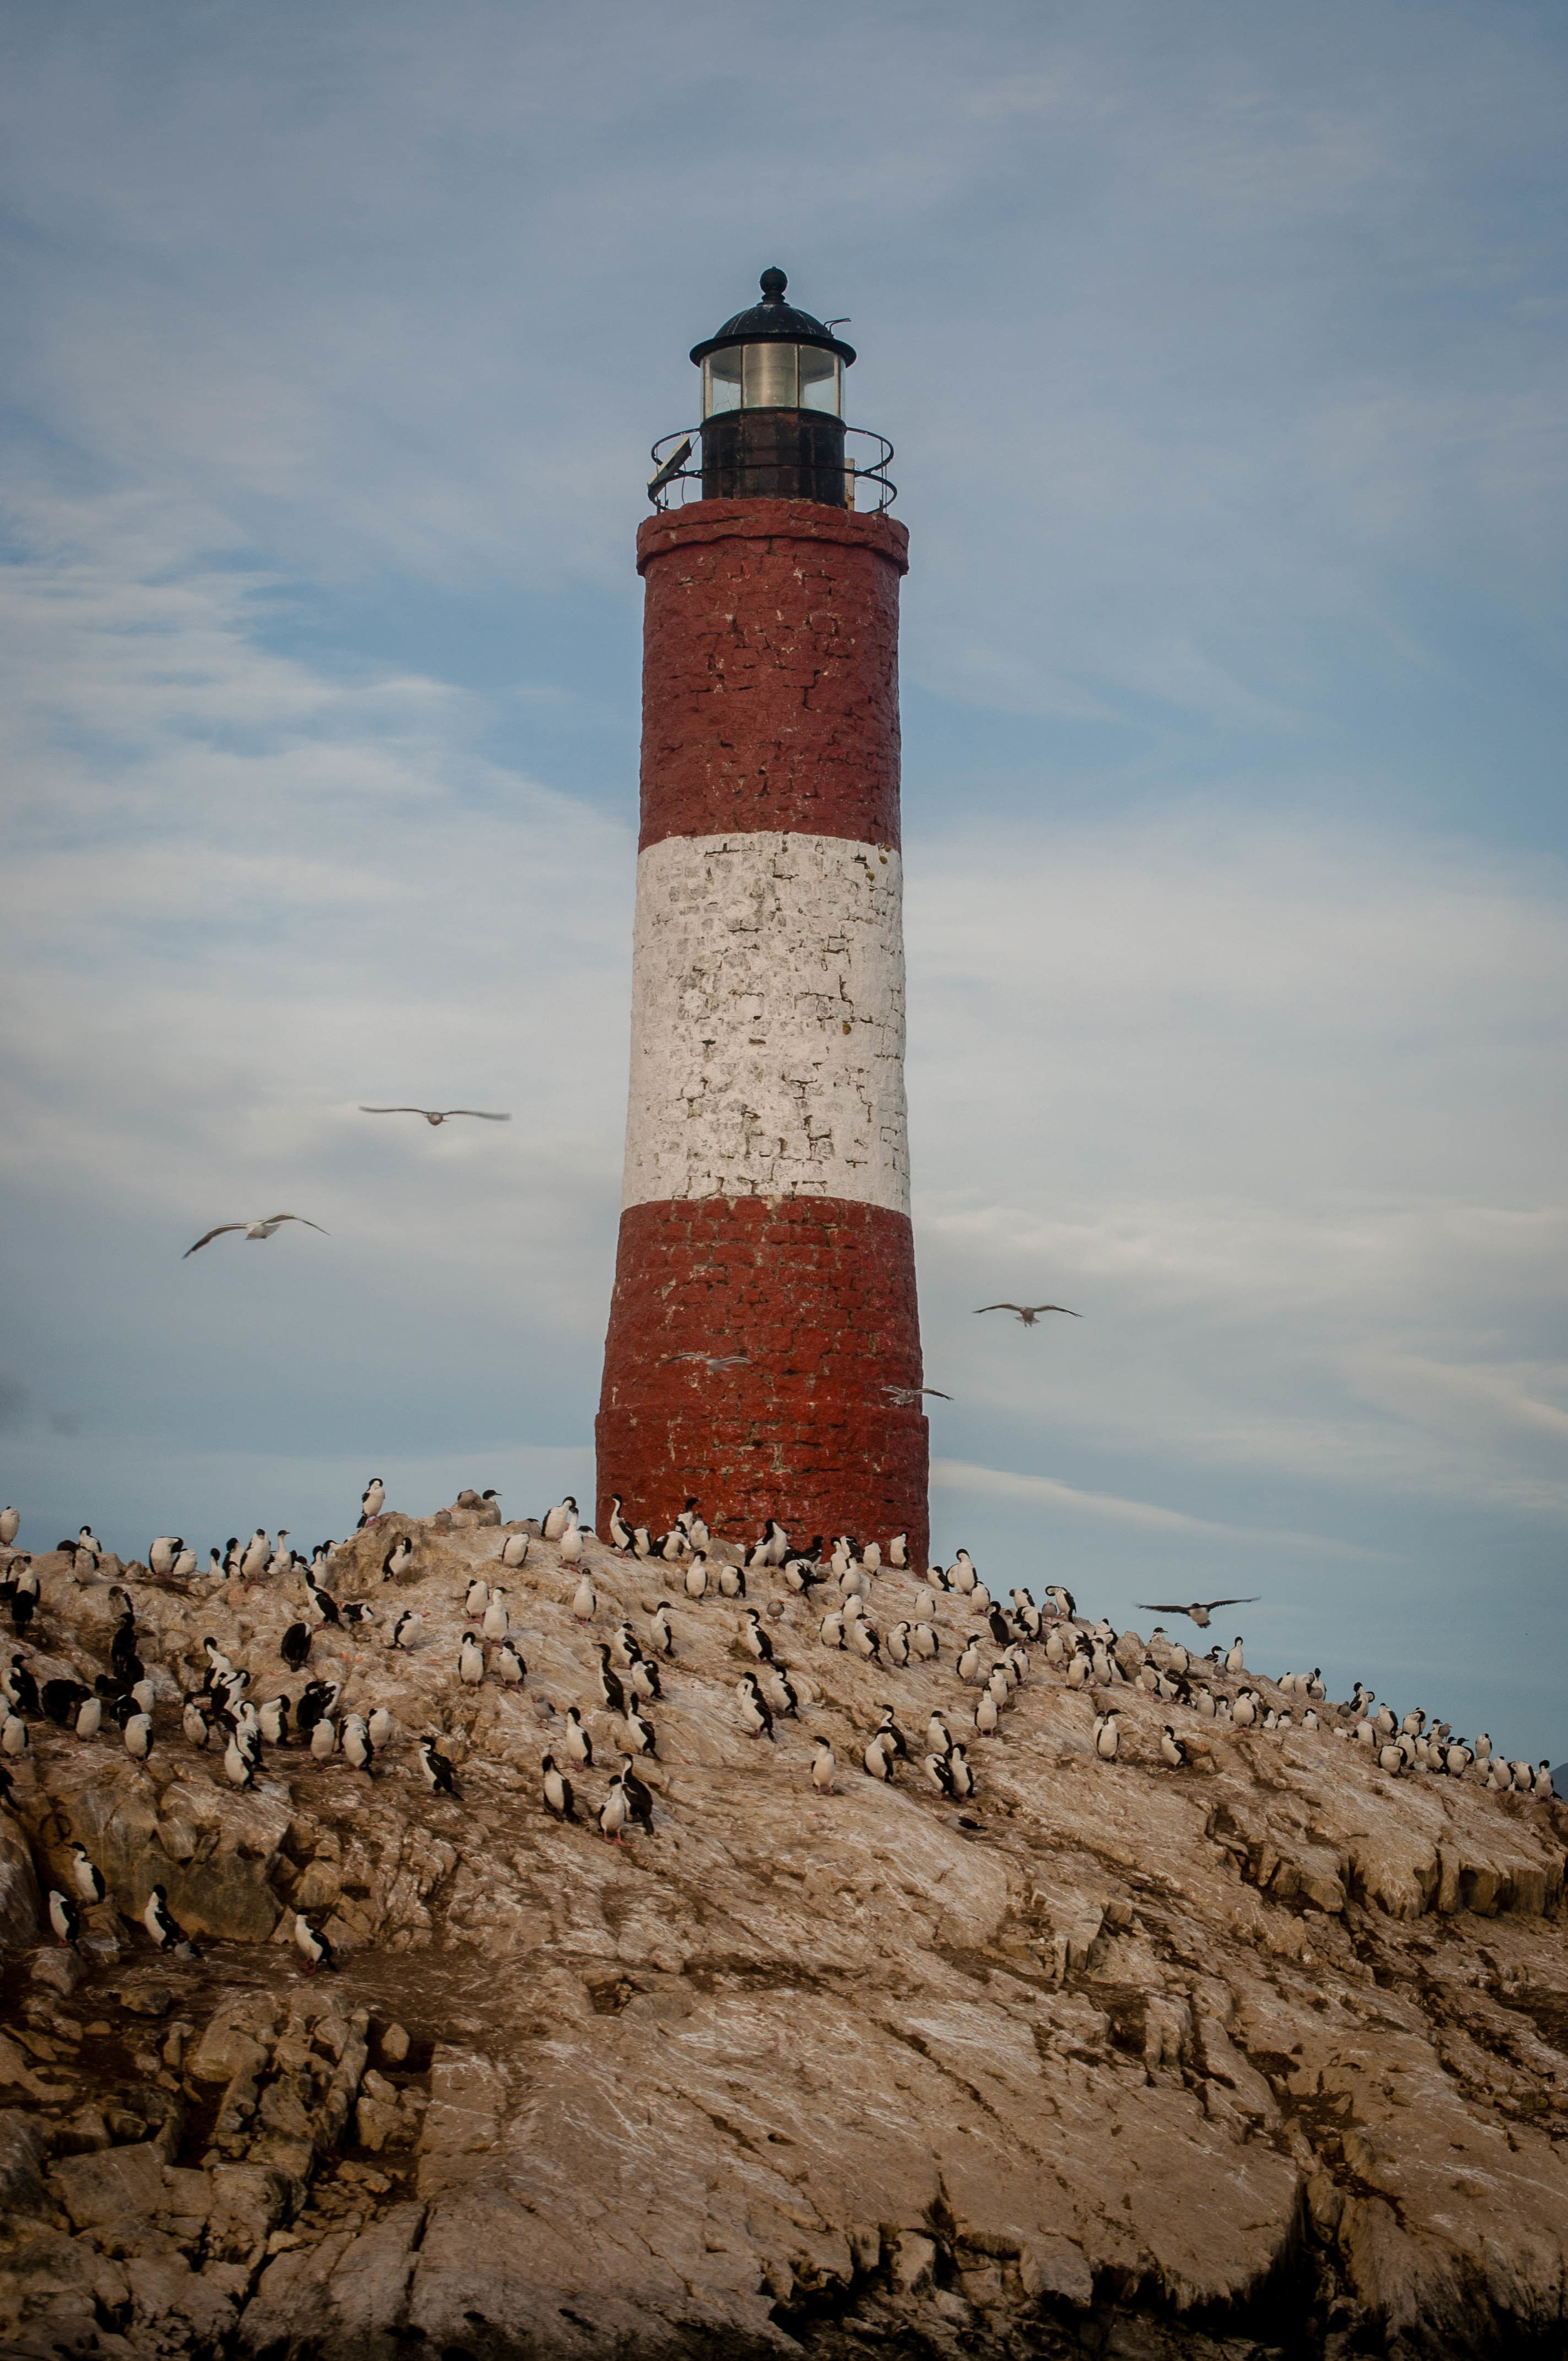 Les Eclaireurs lighthouse